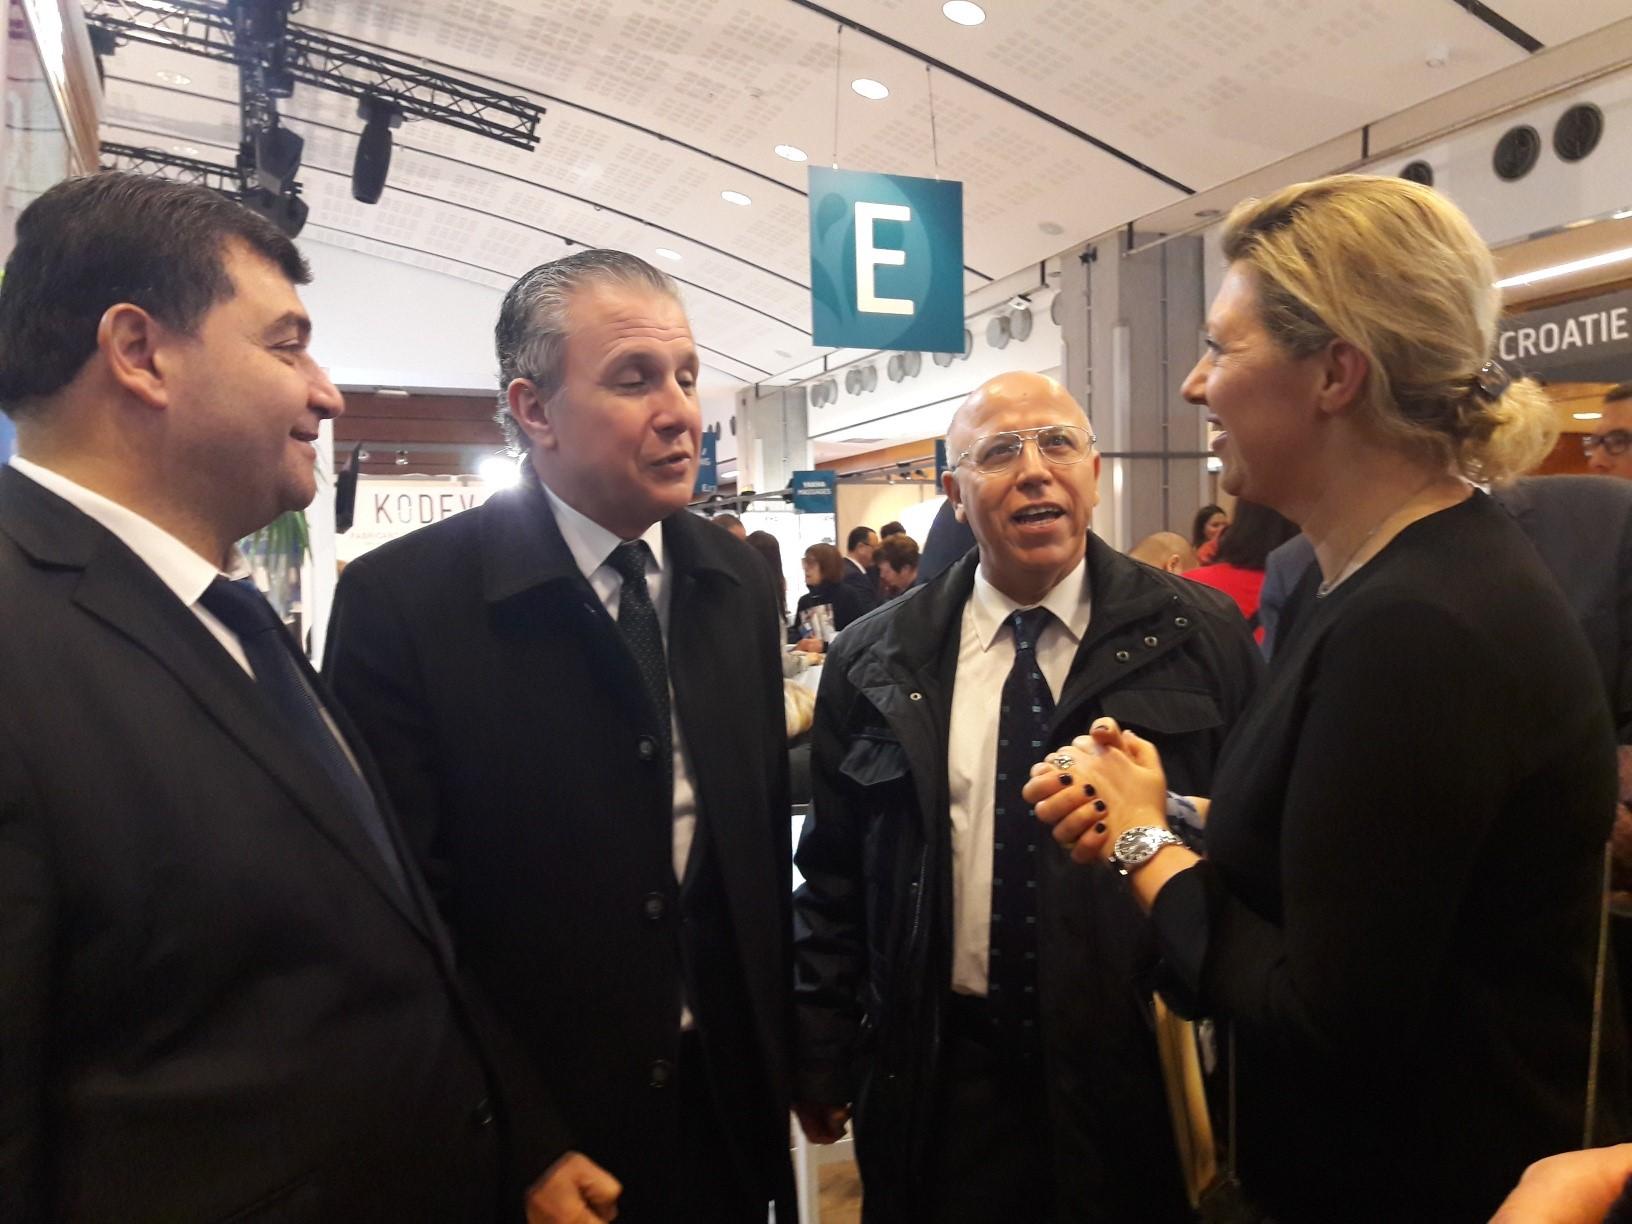 Karelle Geyer, Commissaire Général des Thermalies accueille René Trabelsi Ministre du Tourisme de Tunisie et S.E. Abdelaziz Rassaa Ambassadeur de Tunisie en France. MS.